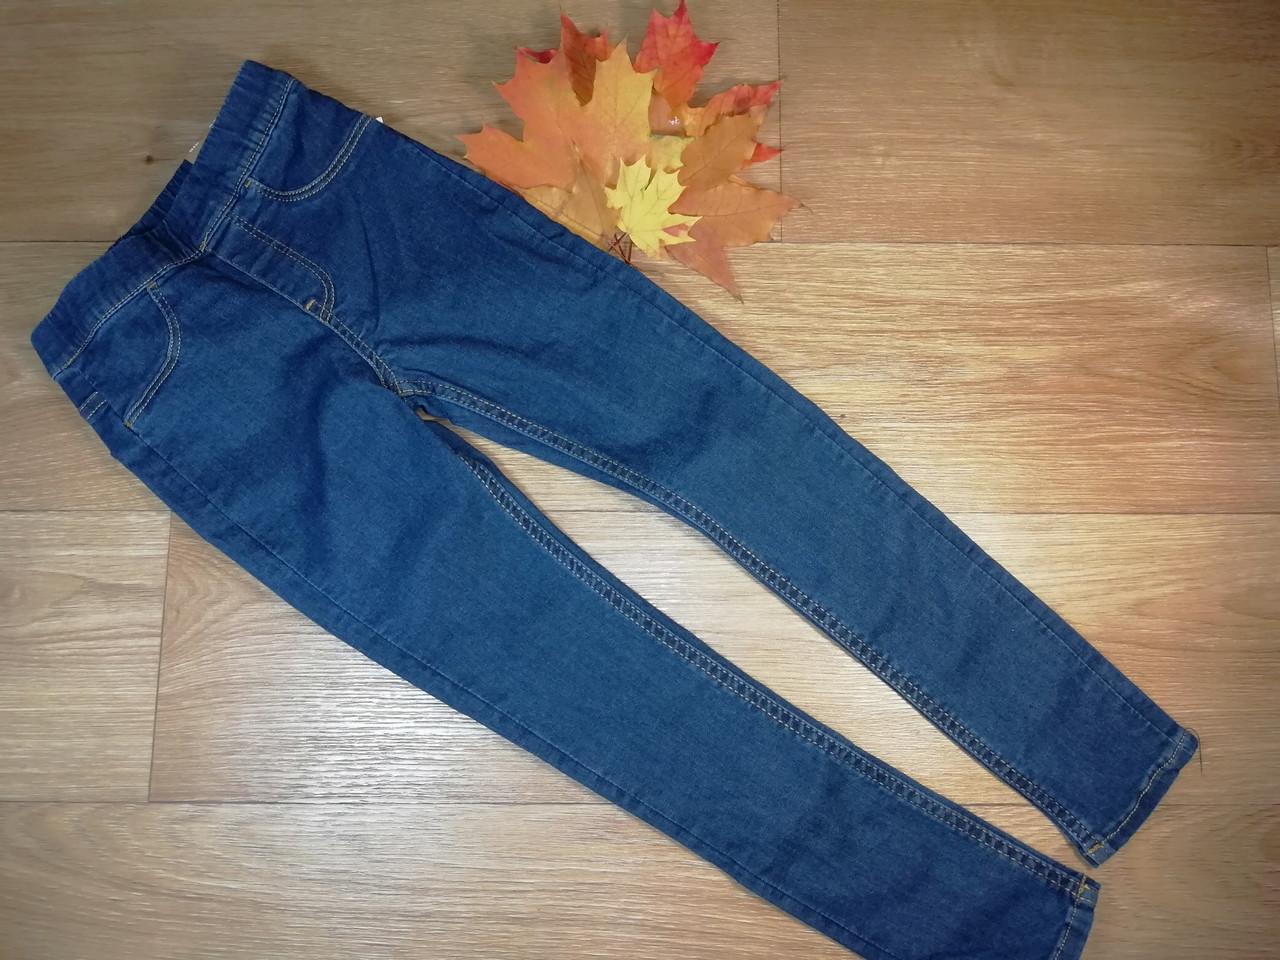 Стильные стрейчевые джинсы скинни H&M (США)  (Размер 6-7Т)